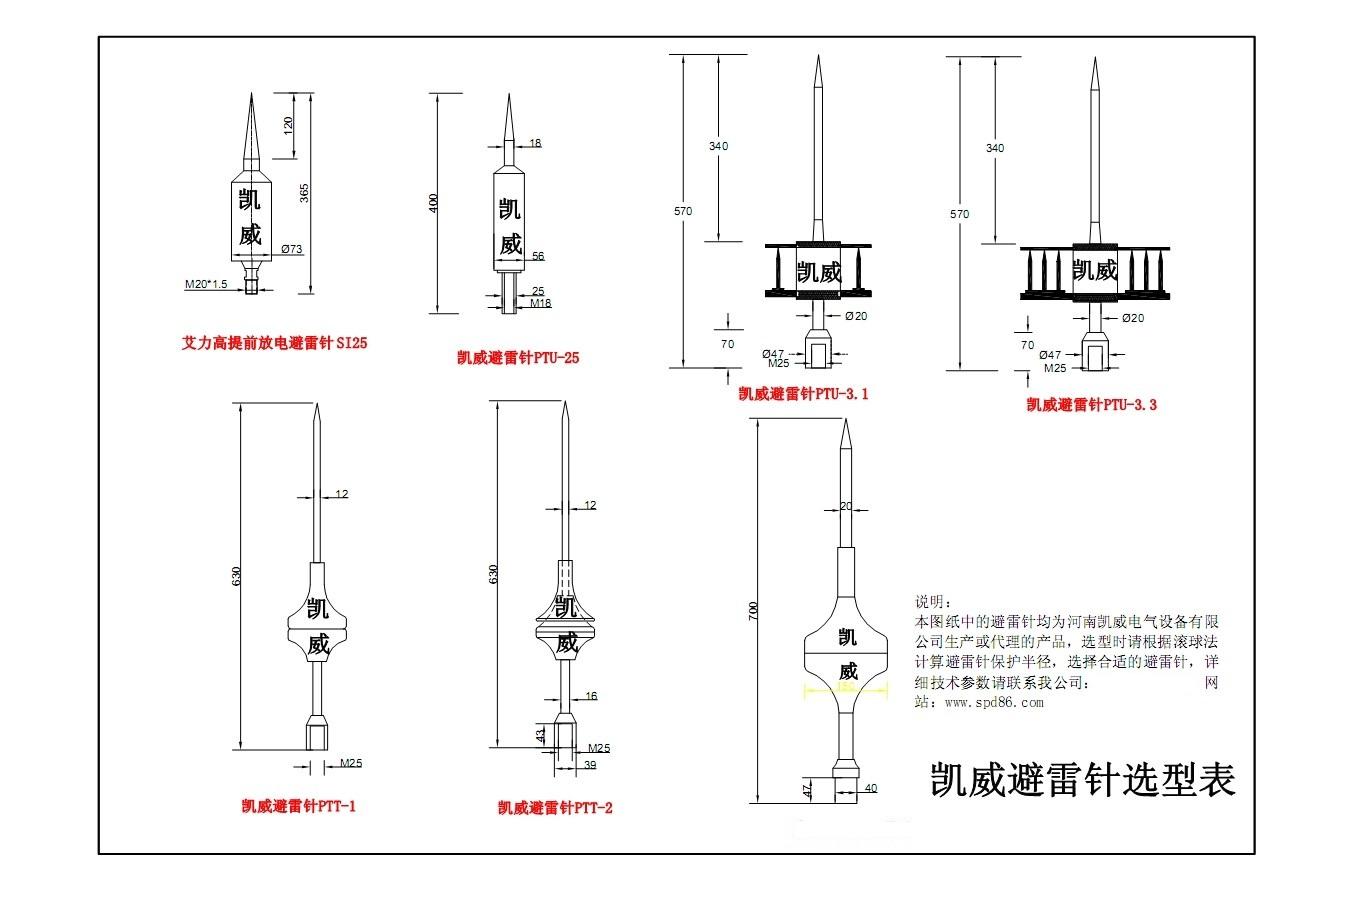 凯威避雷针尺寸选型表.jpg